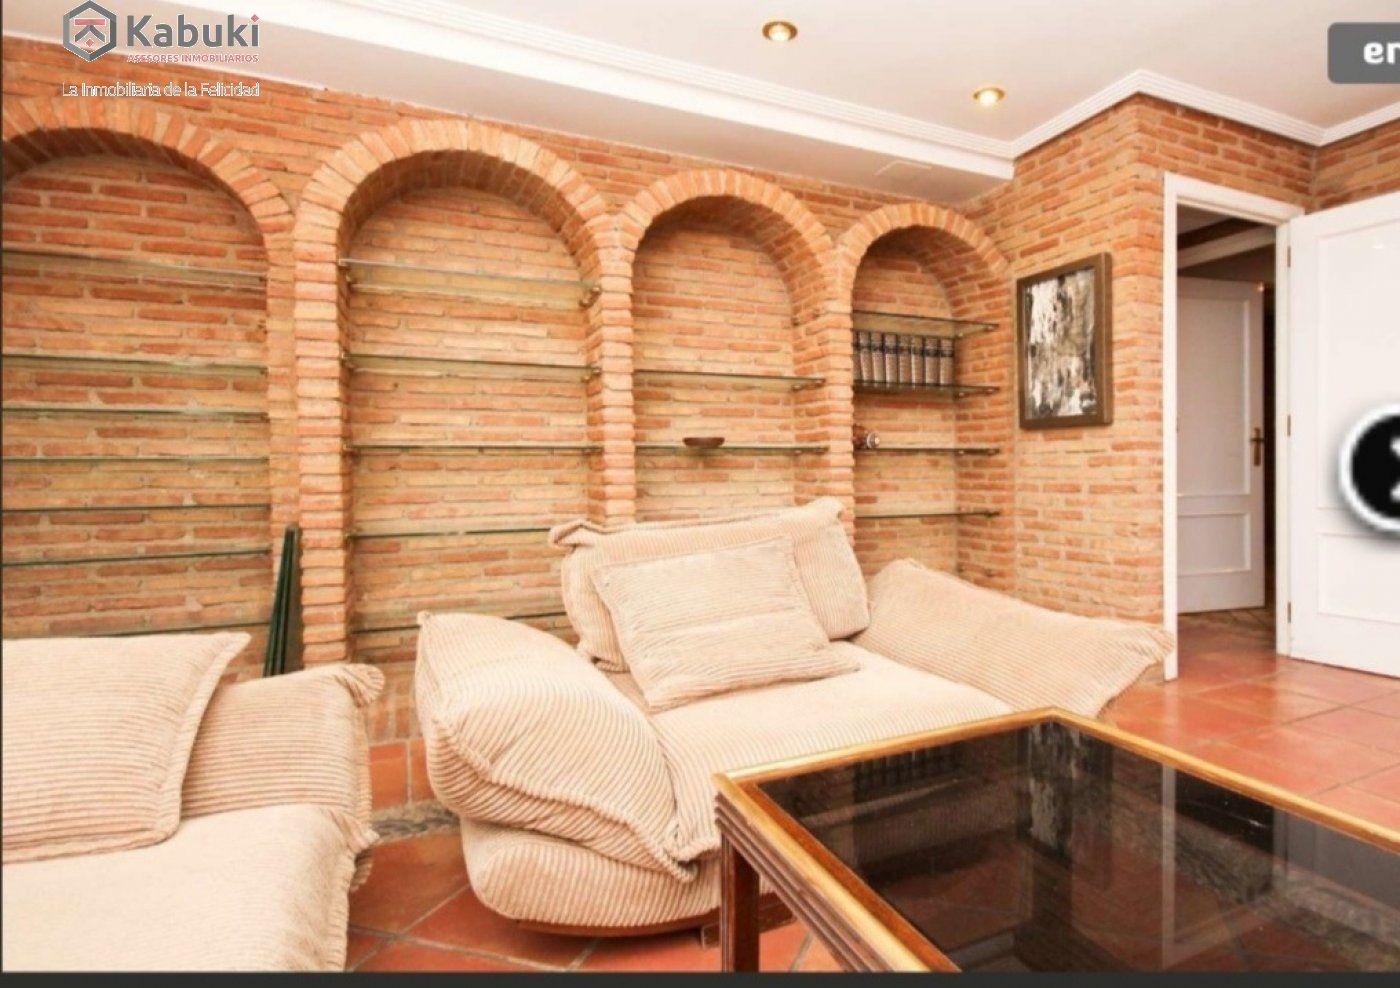 Magnífico apartamento en cármenes de rolando. con chimenea - imagenInmueble4